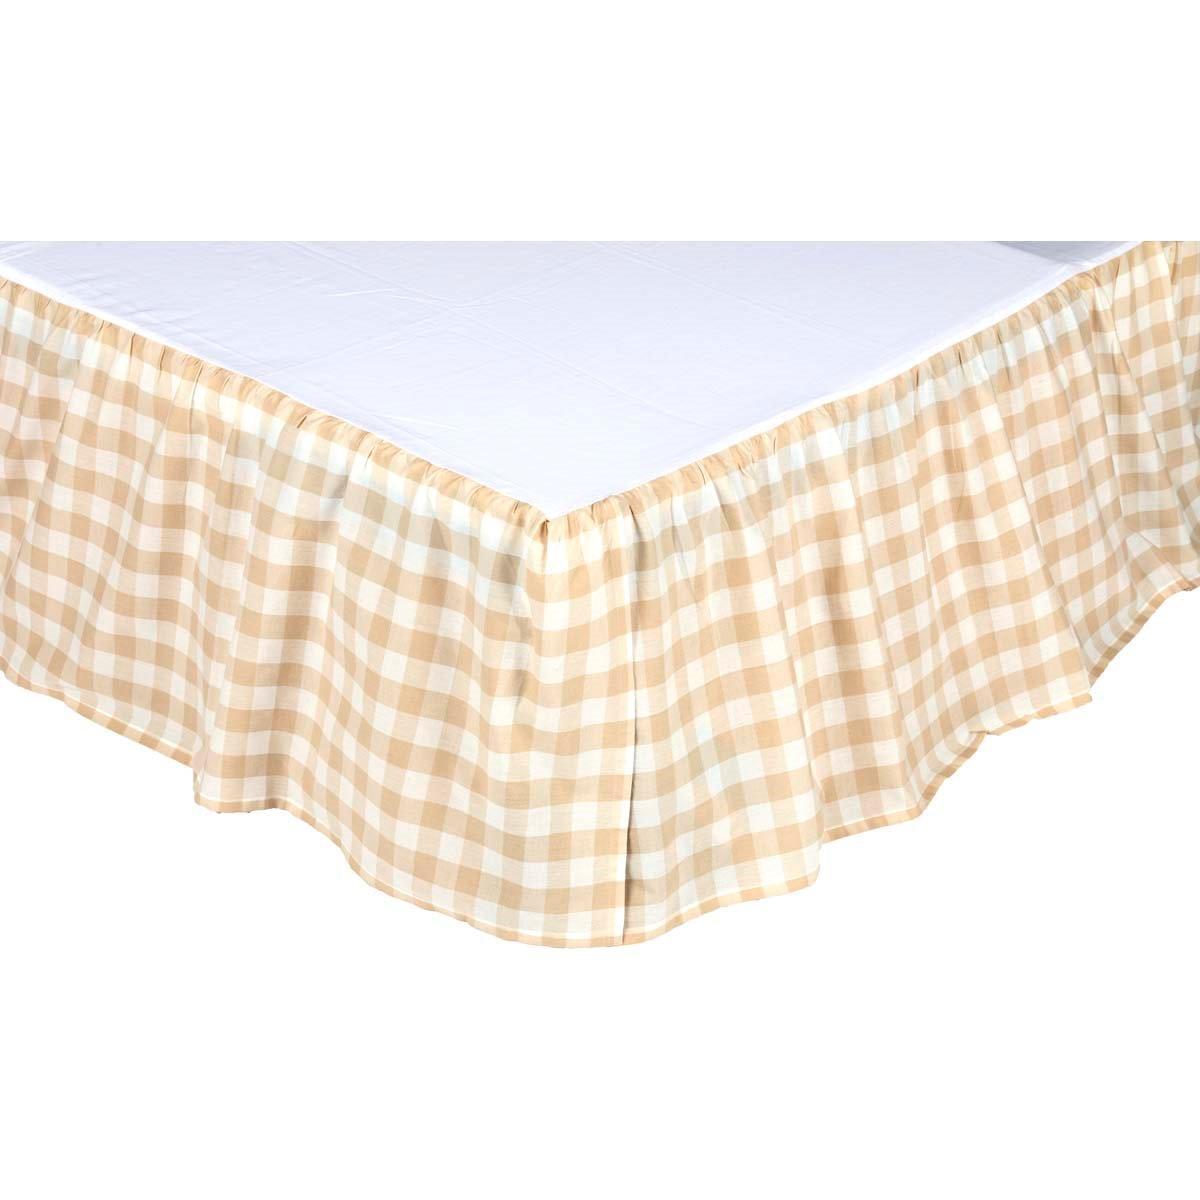 Annie Buffalo Tan Check Queen Bed Skirt 60x80x16